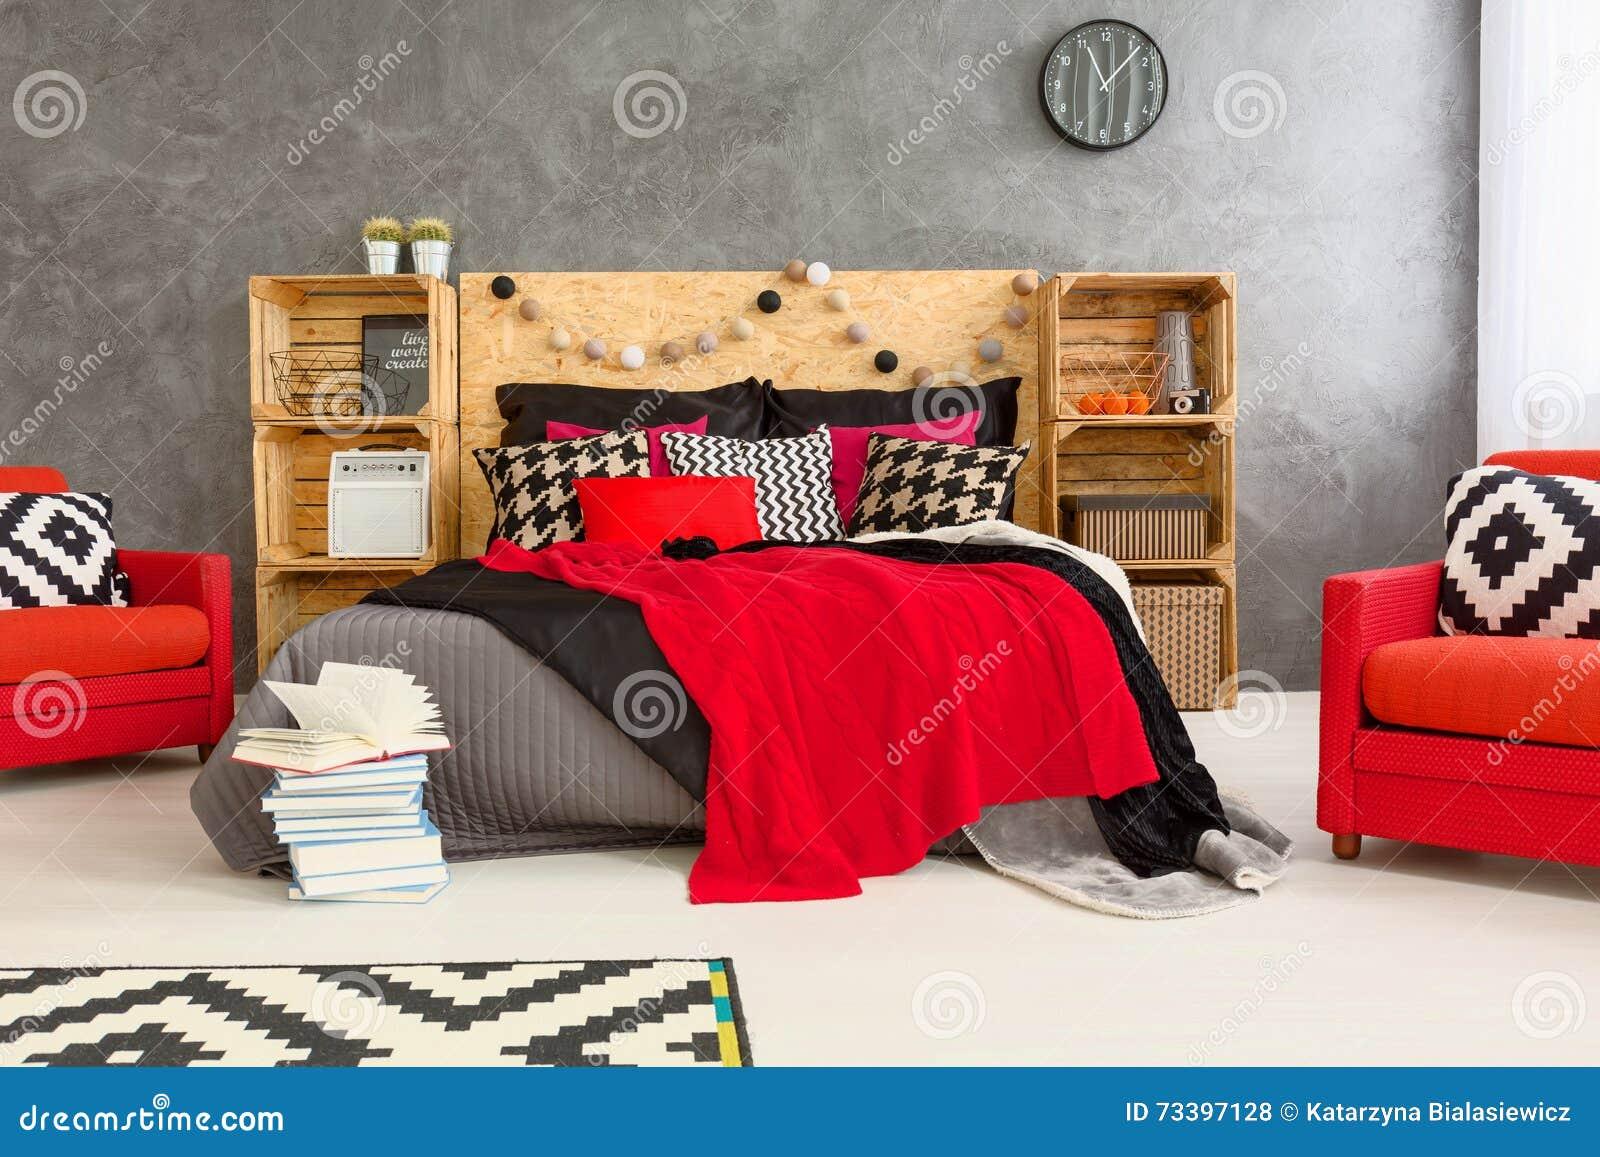 Stanza Grigia Rossa E Bianca Fotografia Stock Immagine Di Mensole Studio 73397128